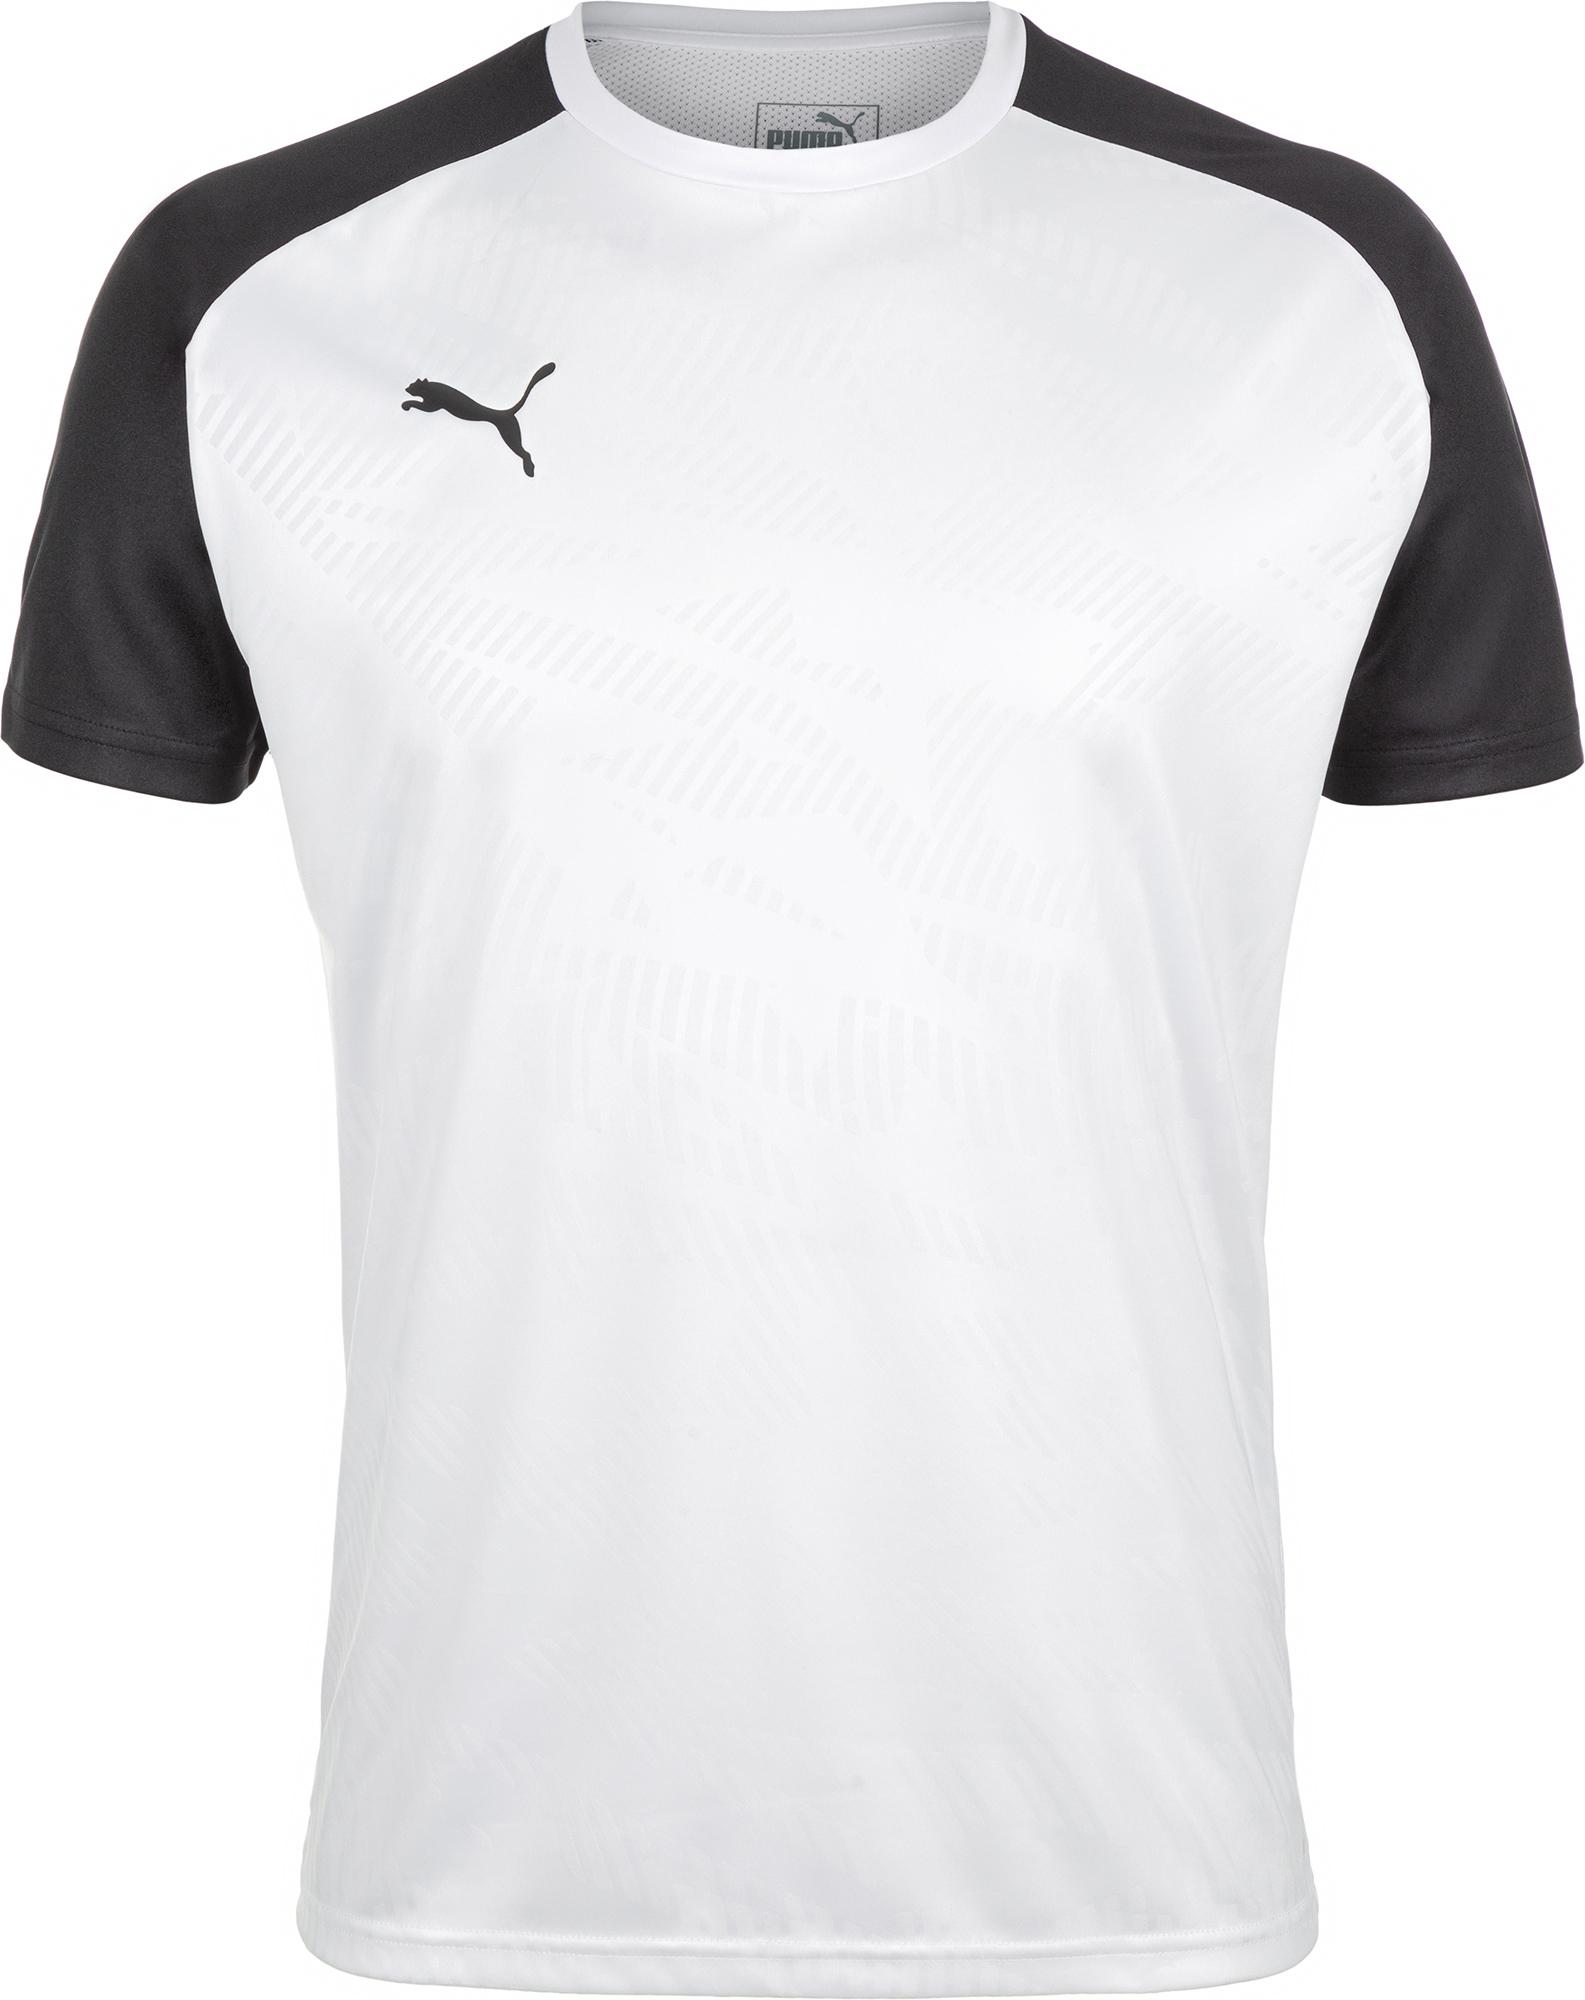 цена на Puma Футболка мужская Puma, размер 46-48